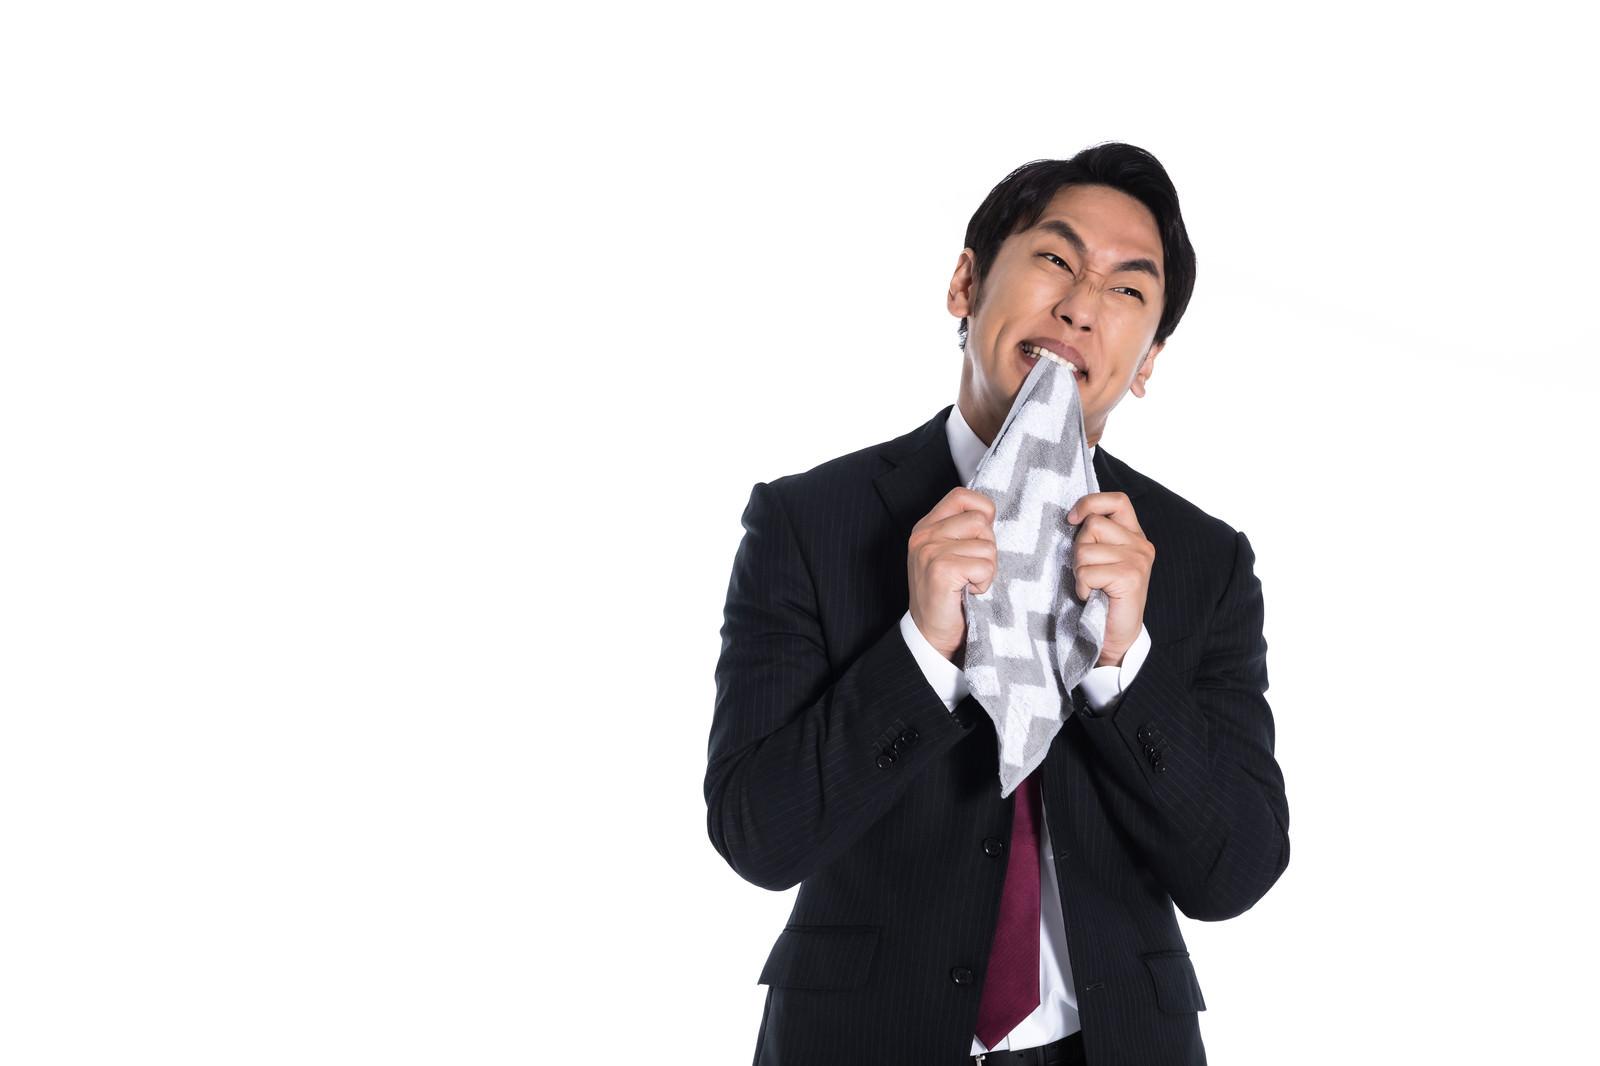 「く゛や゛し゛い゛!゛!゛!゛」の写真[モデル:大川竜弥]